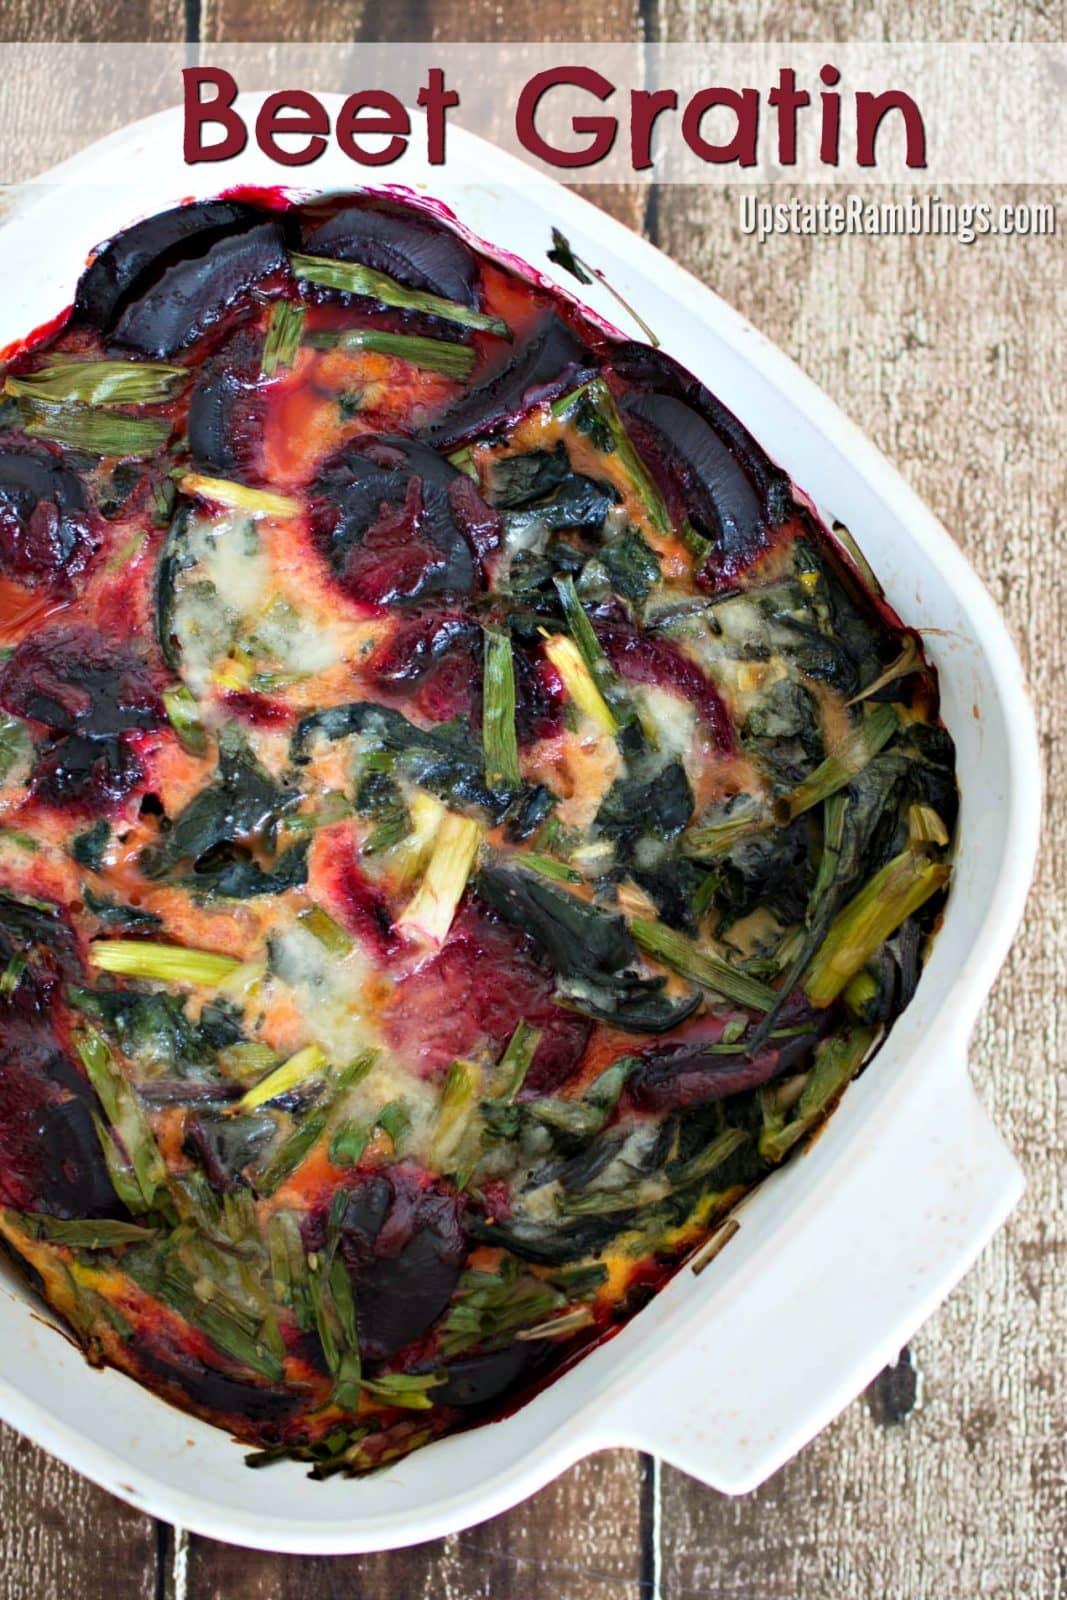 Beet Gratin - a healthy summer casserole